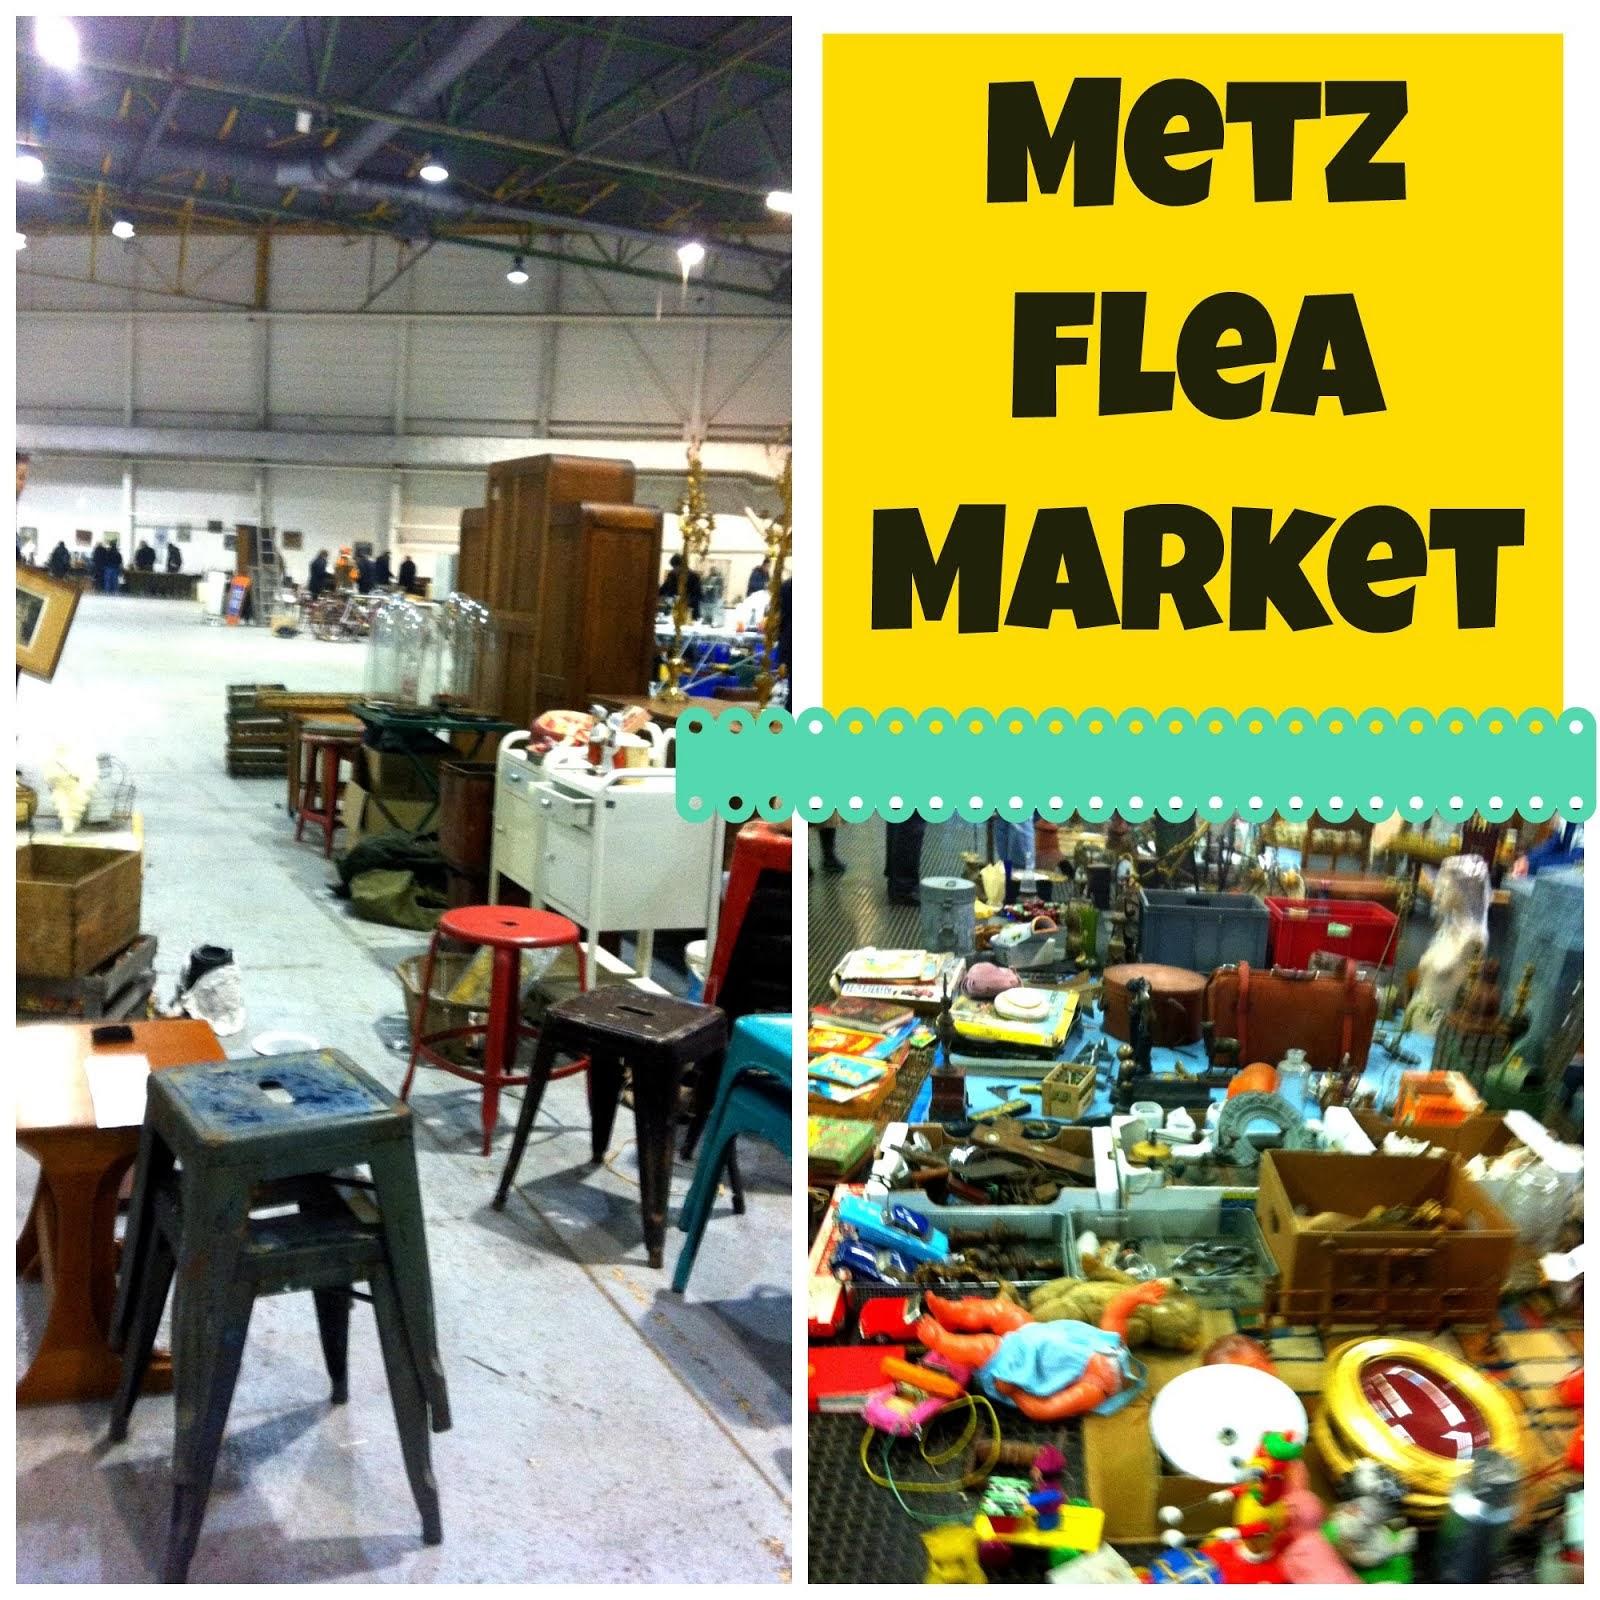 Metz Flea Market 1.5 hours drive